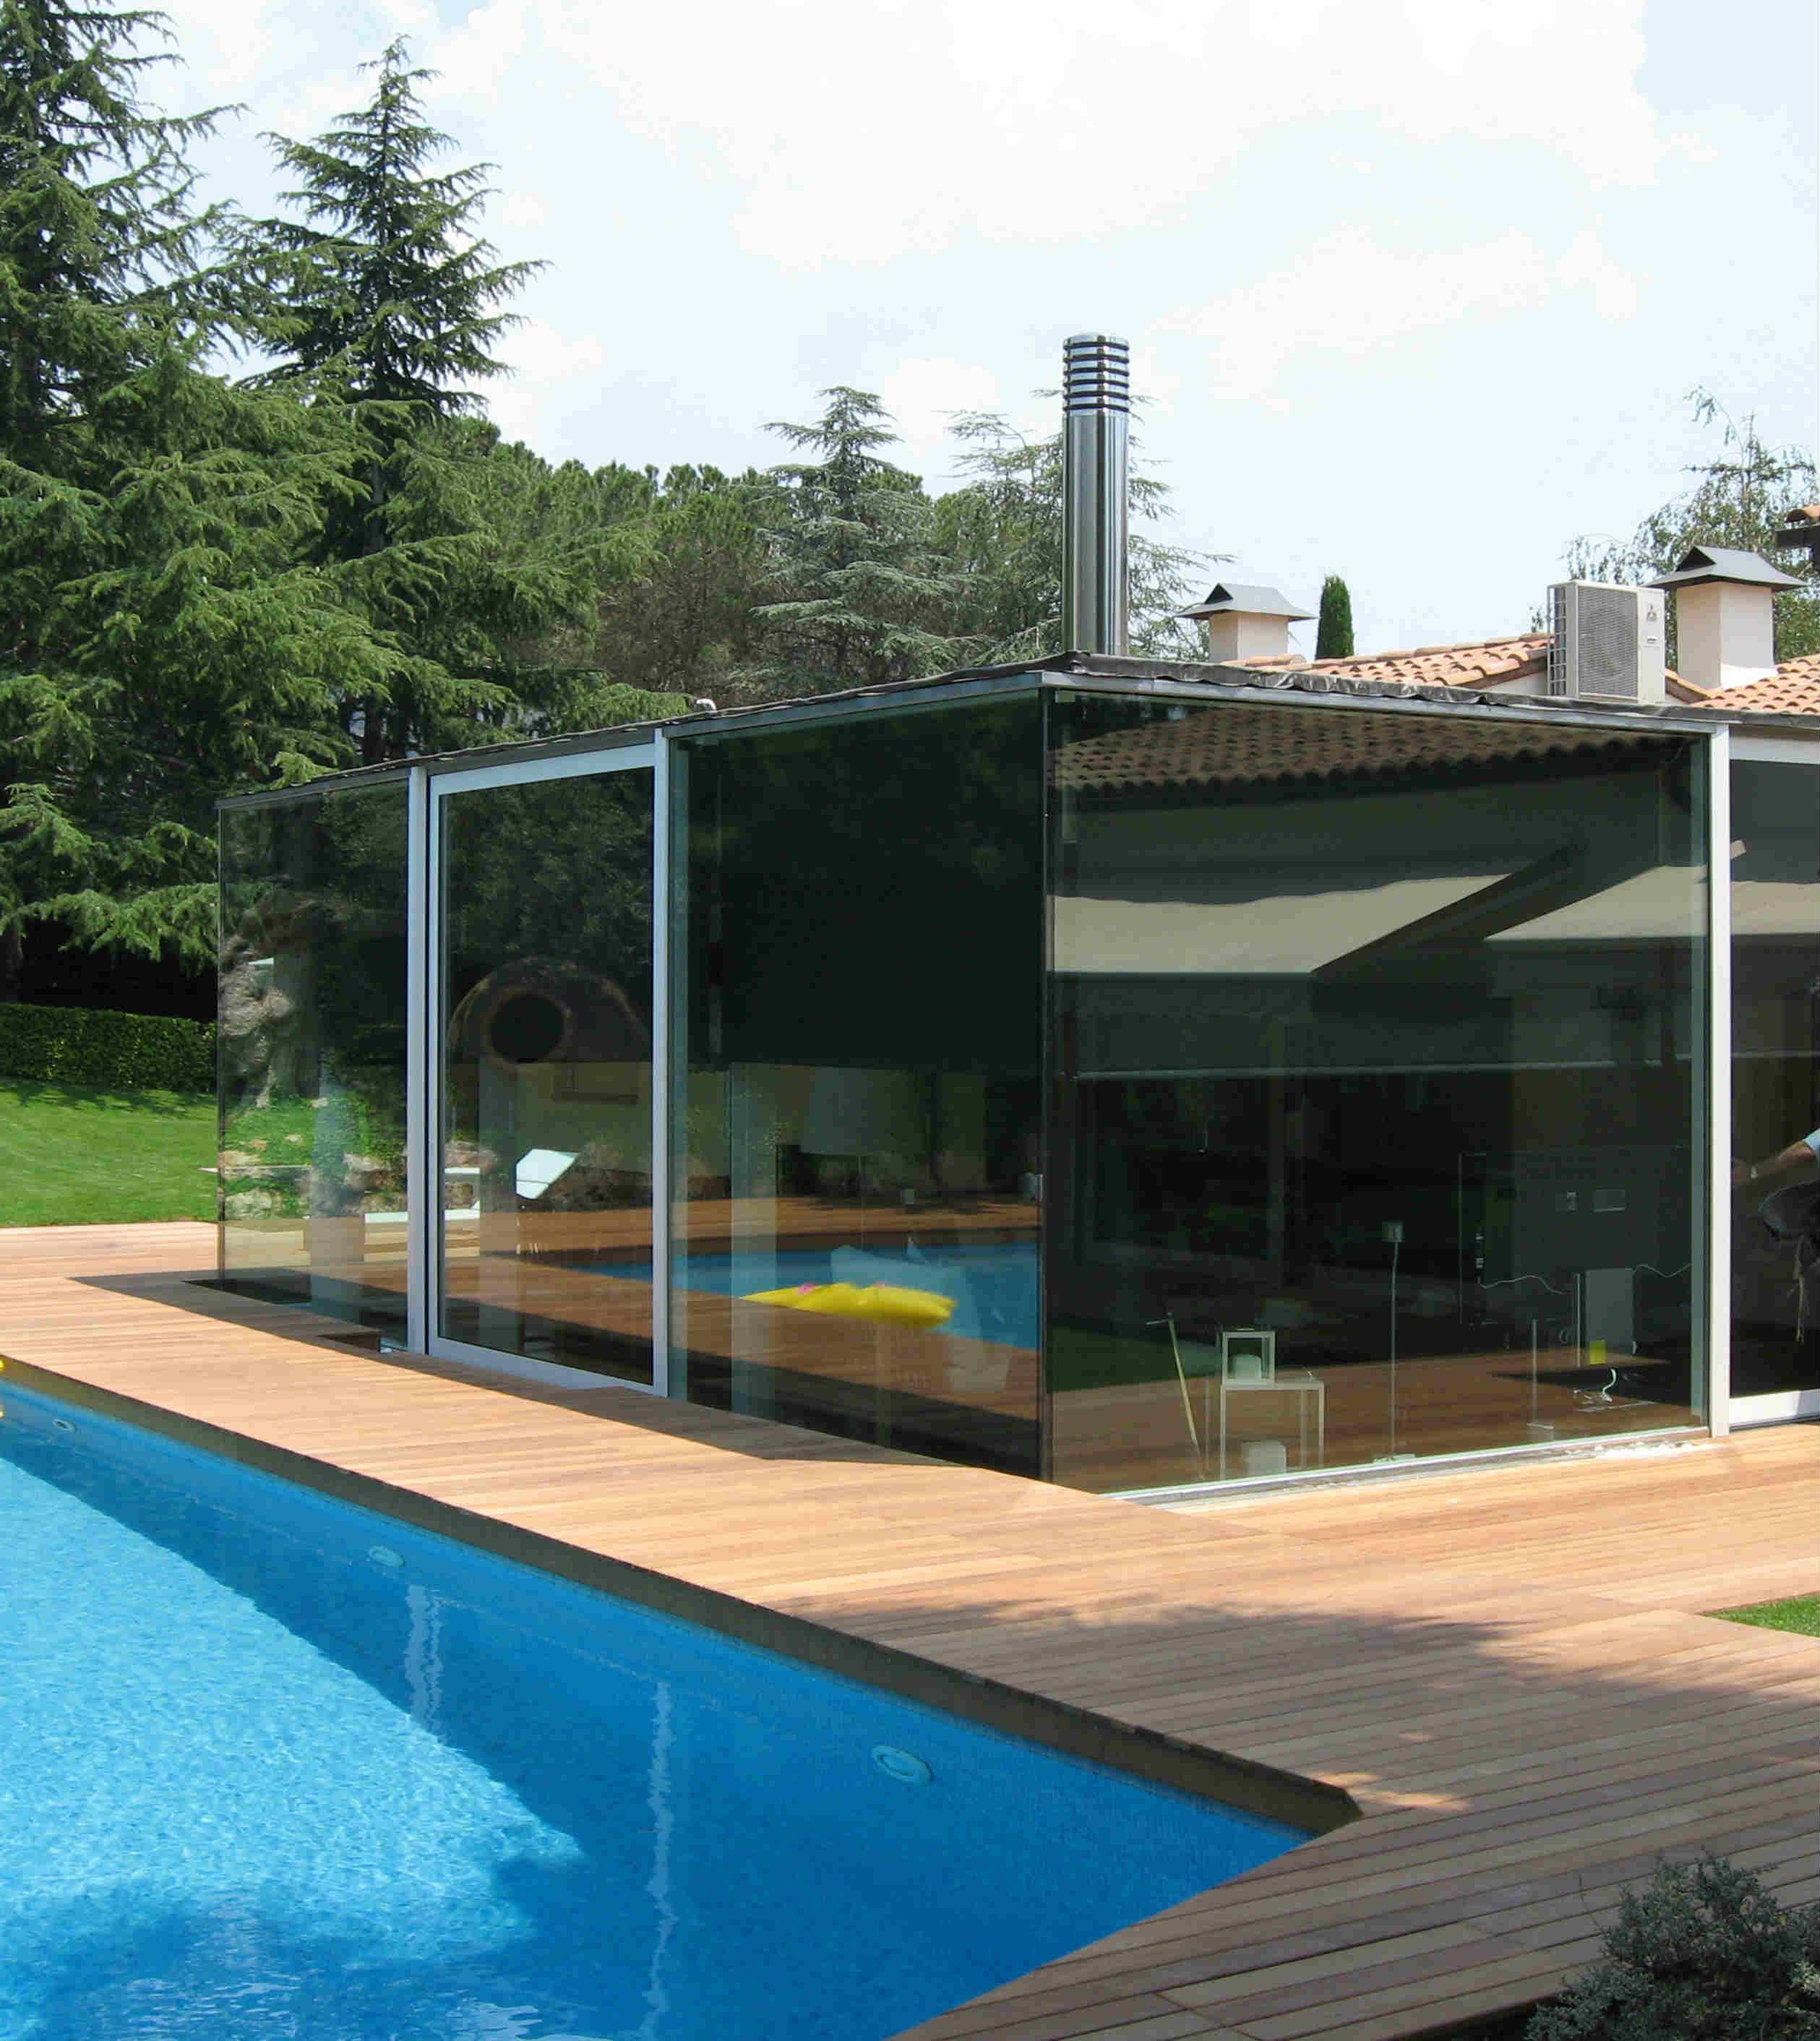 Estructuras de aluminio para terrazas trendy de terraza for Estructuras aluminio para toldos